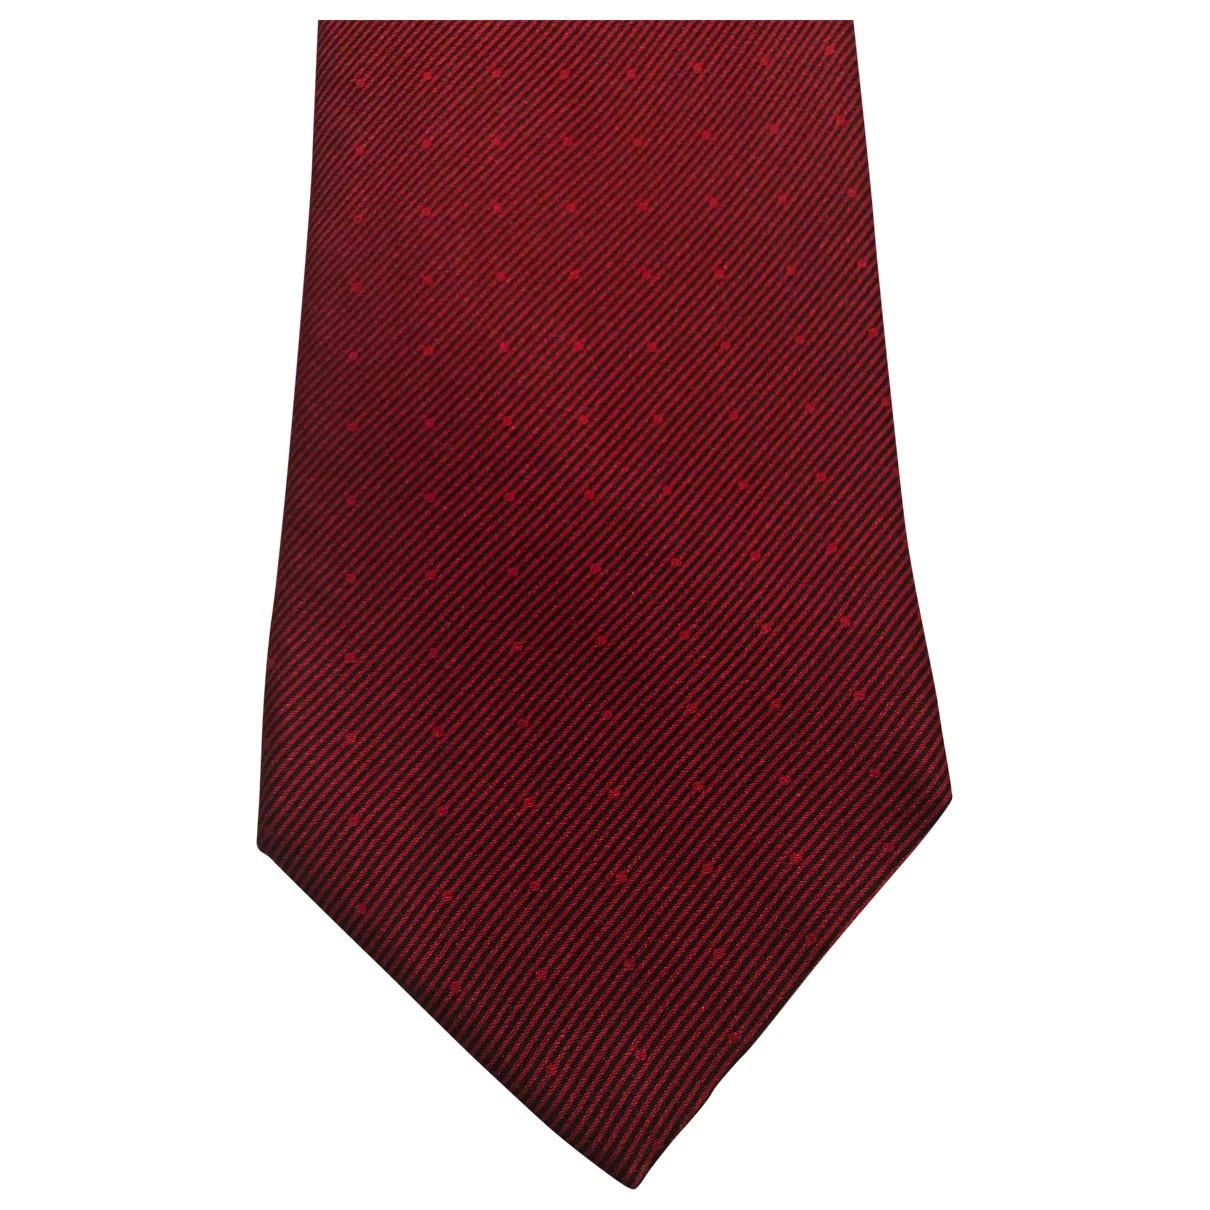 Harrods - Cravates   pour homme en soie - bordeaux